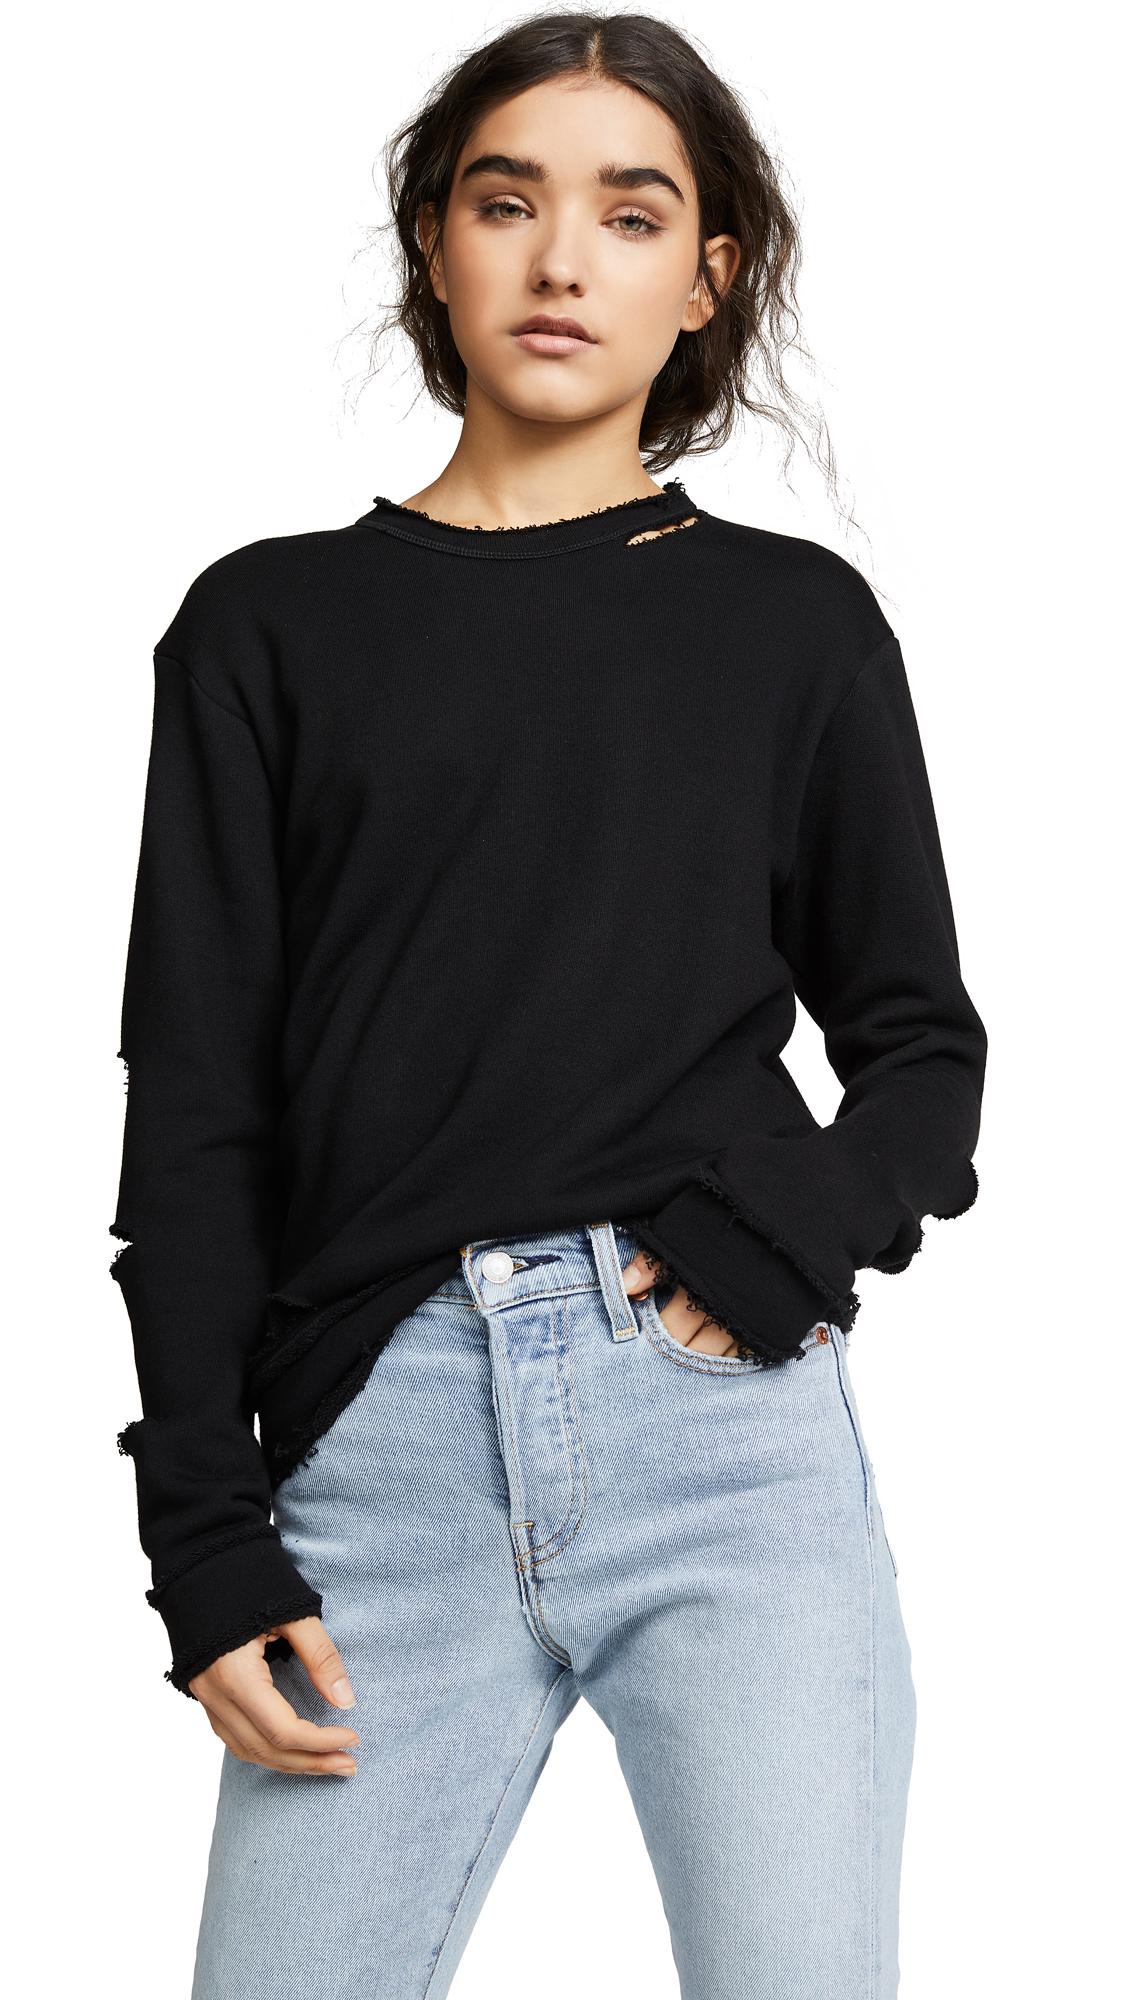 ALALA Cypher Sweatshirt - Black